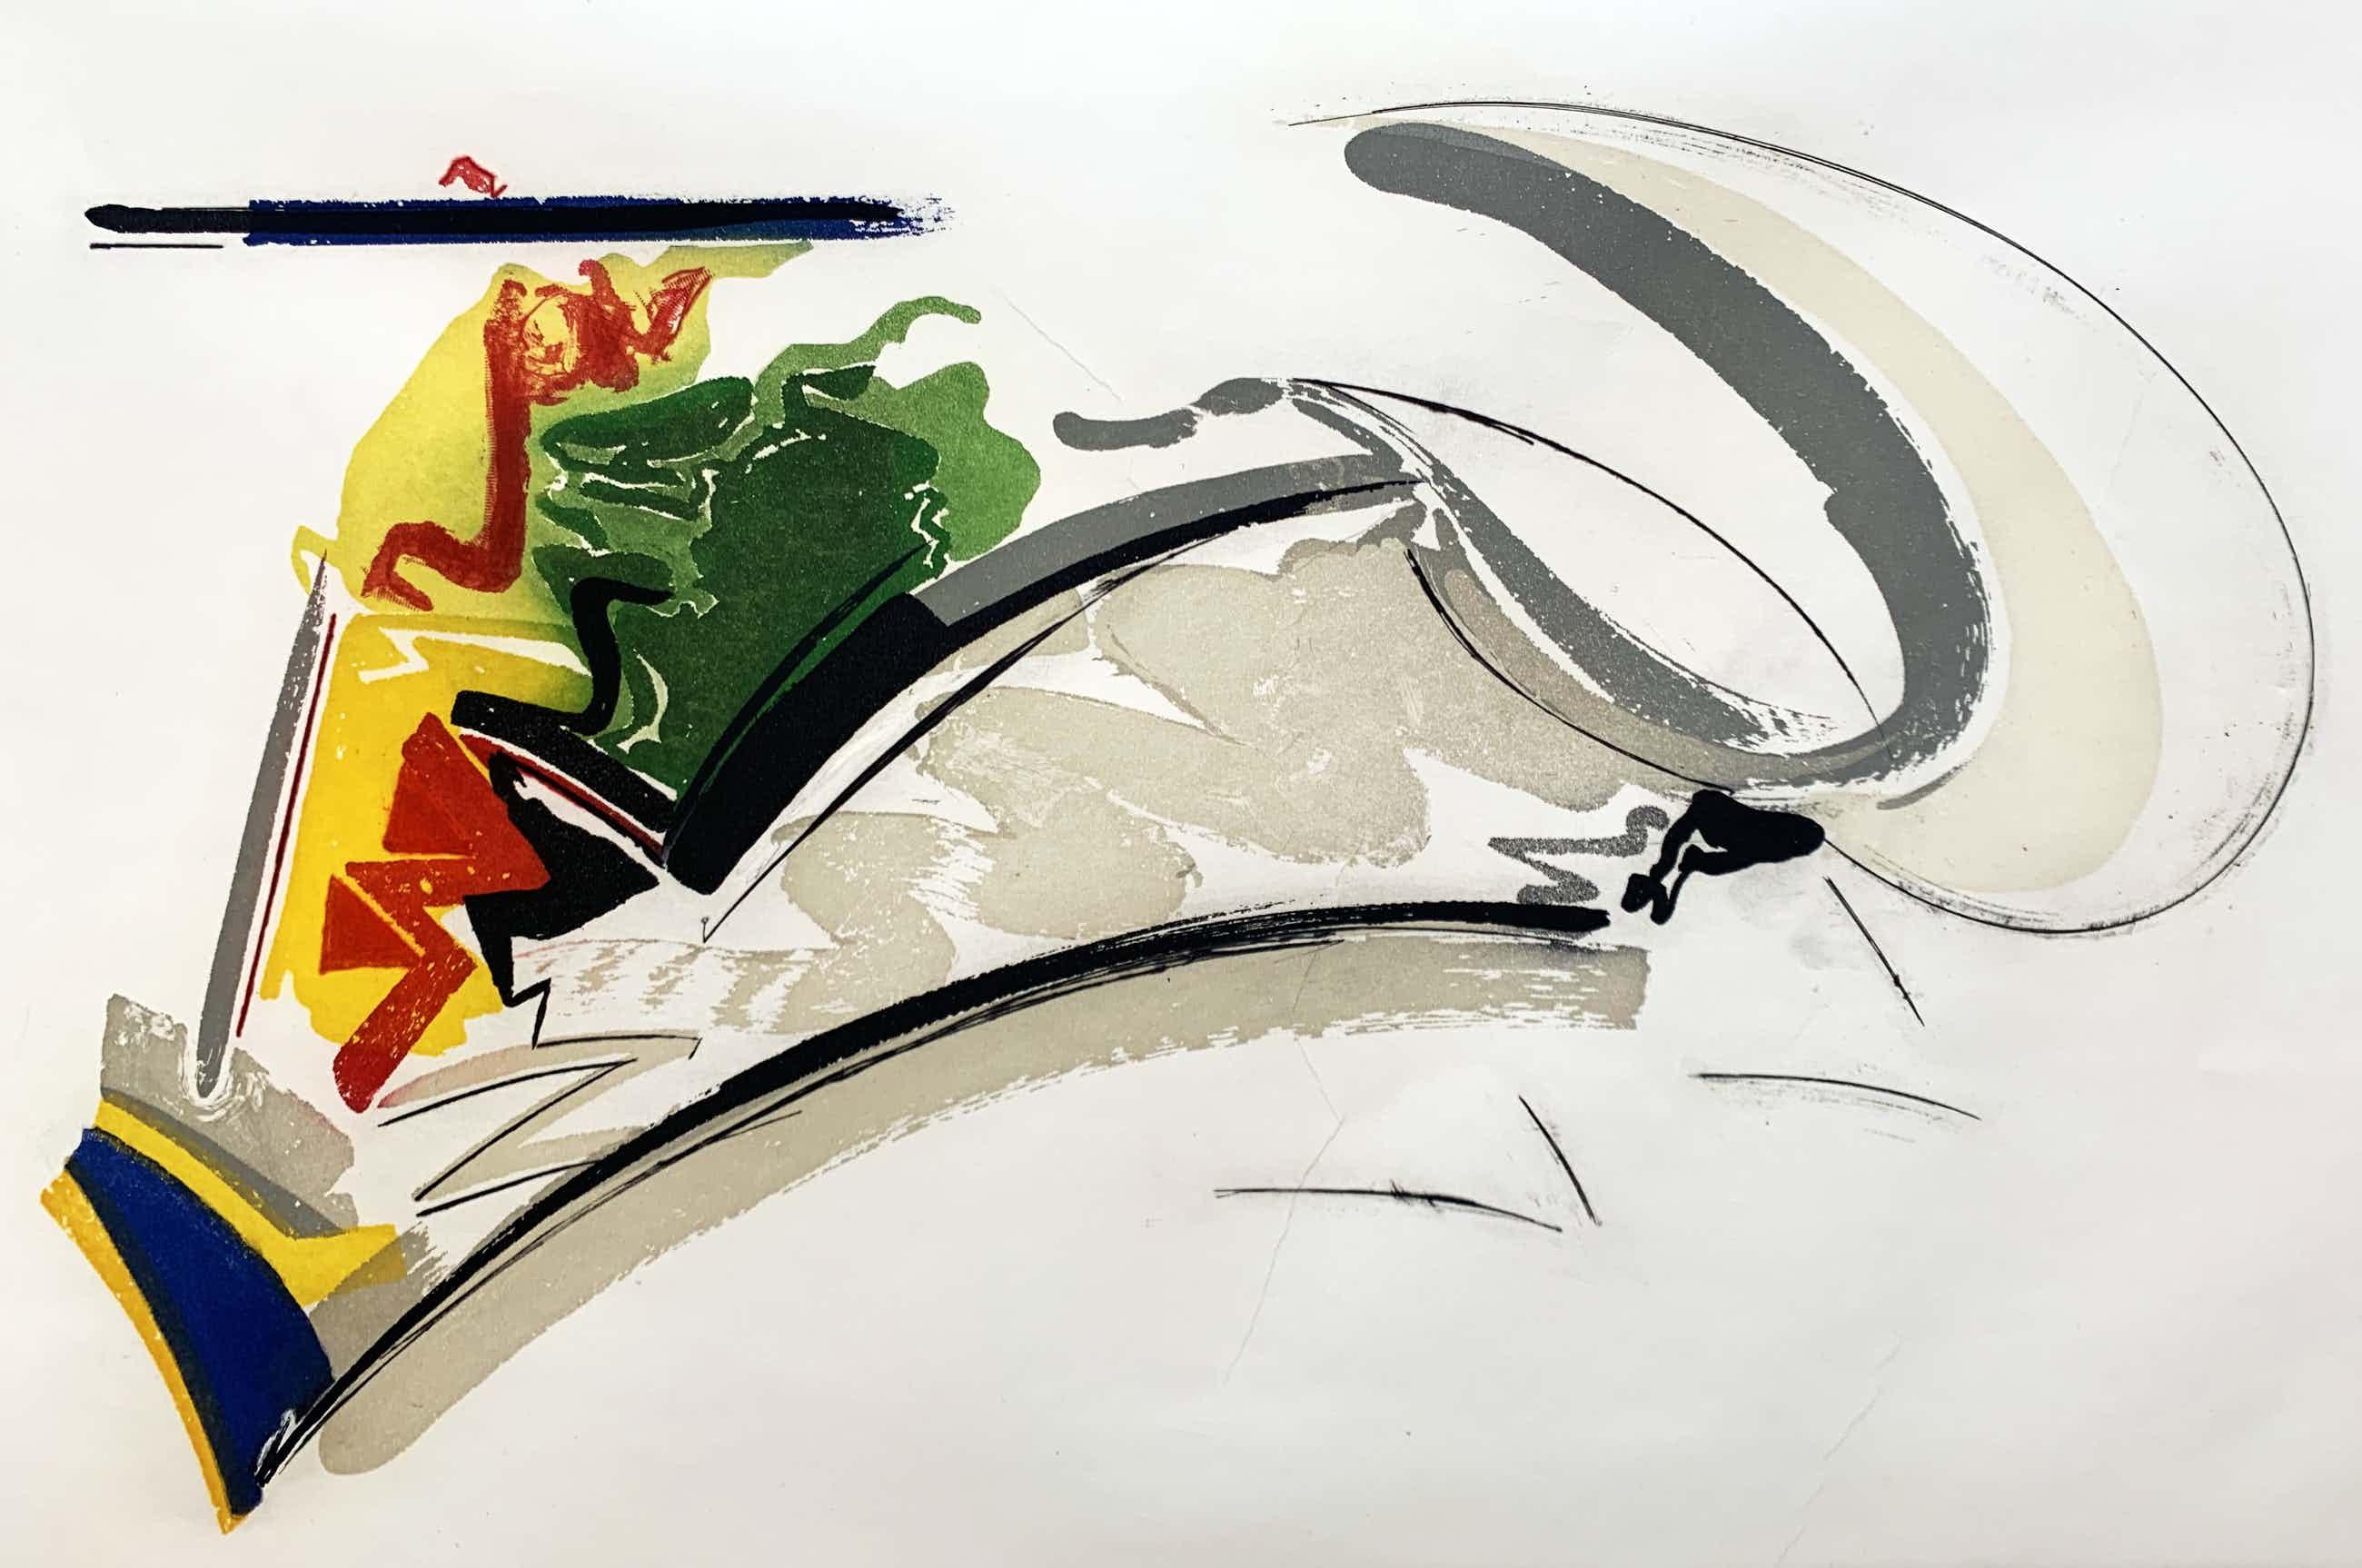 Peter van Drumpt - kleurenets - zonder titel - 1993 (Kleine oplage) kopen? Bied vanaf 60!